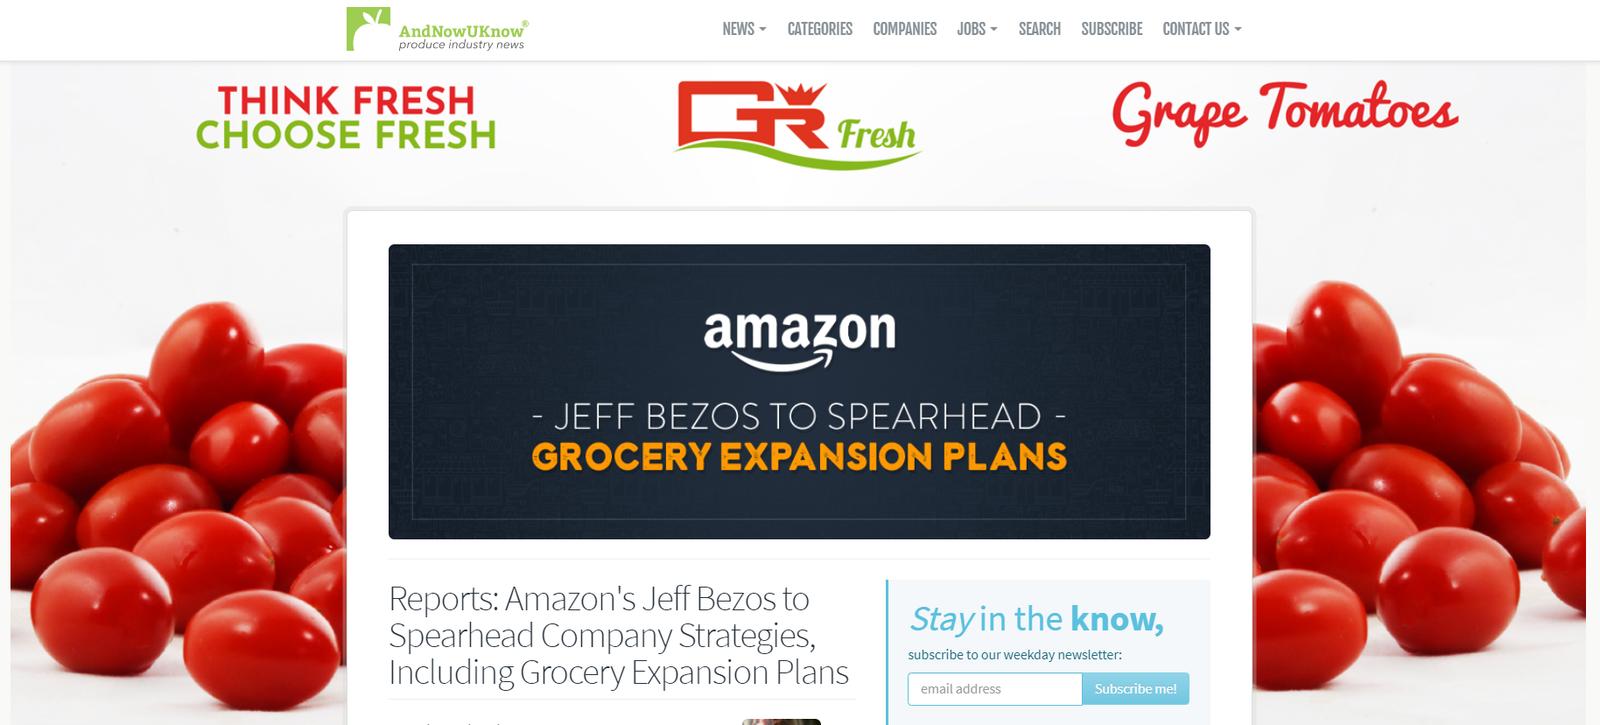 La retraite de Jeff Bezos? S'occuper du format épicerie d'Amazon Fresh Grocery ! On reprend tout depuis le début.